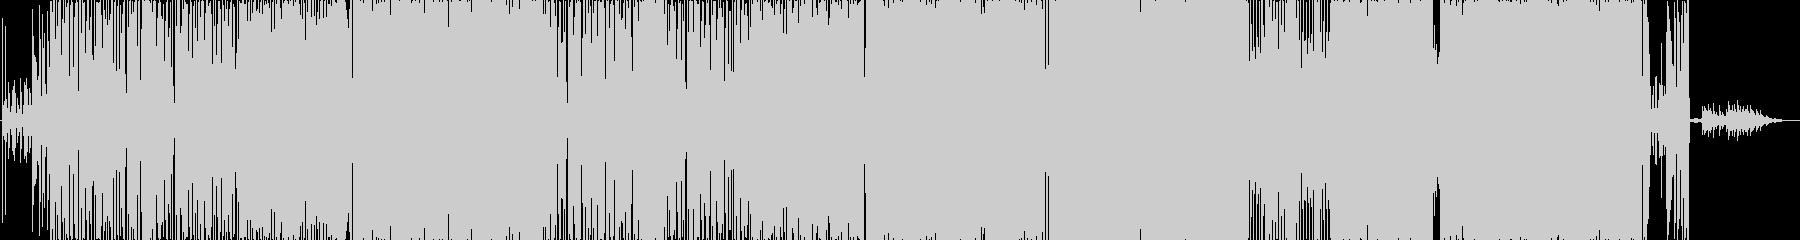 展開のある映像に合うギターロックの未再生の波形